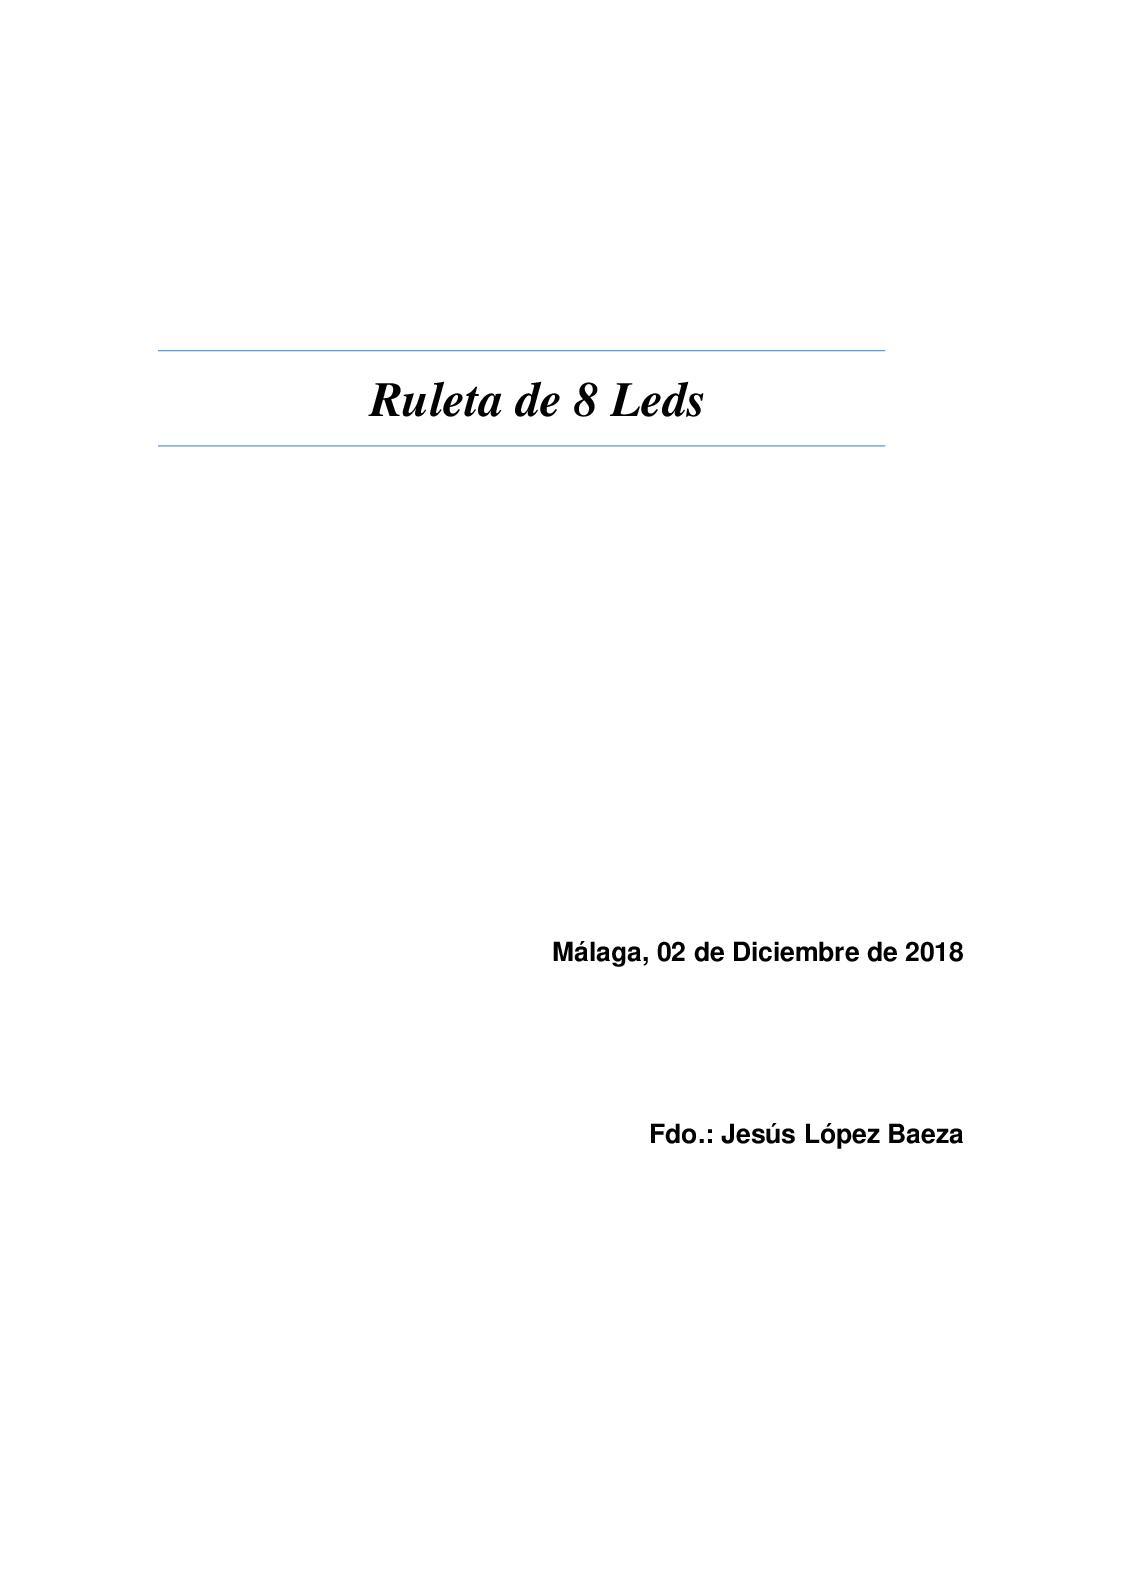 Ruleta 8 Leds